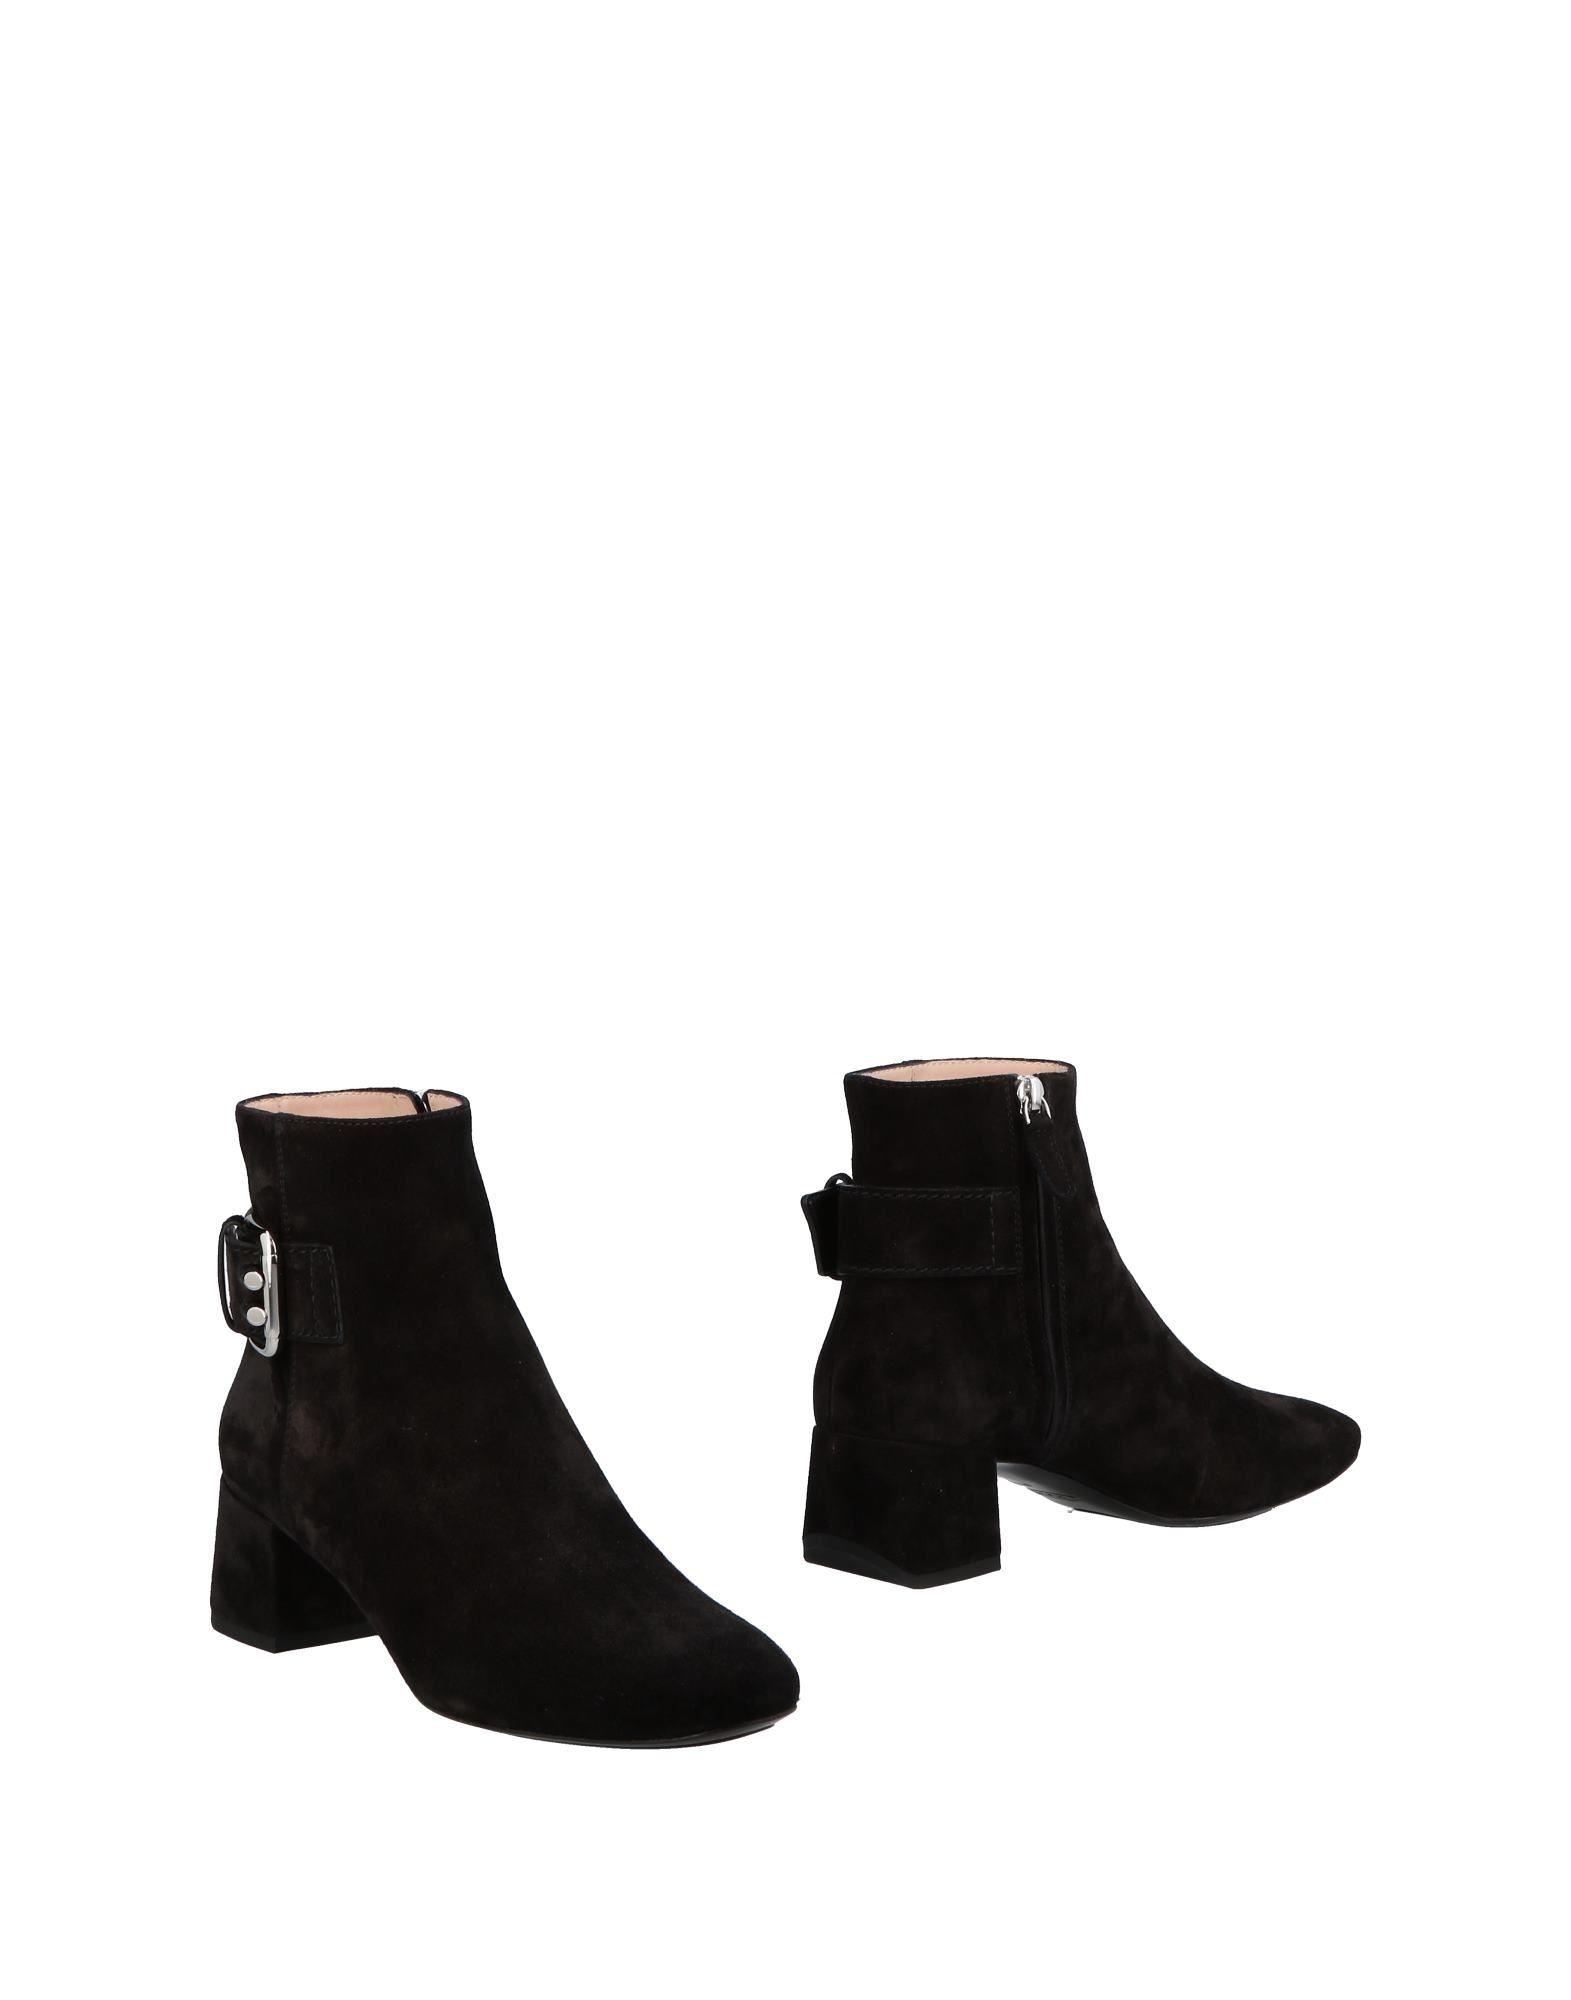 Tod's Stiefelette Damen  11502548QFGünstige Schuhe gut aussehende Schuhe 11502548QFGünstige ffc095